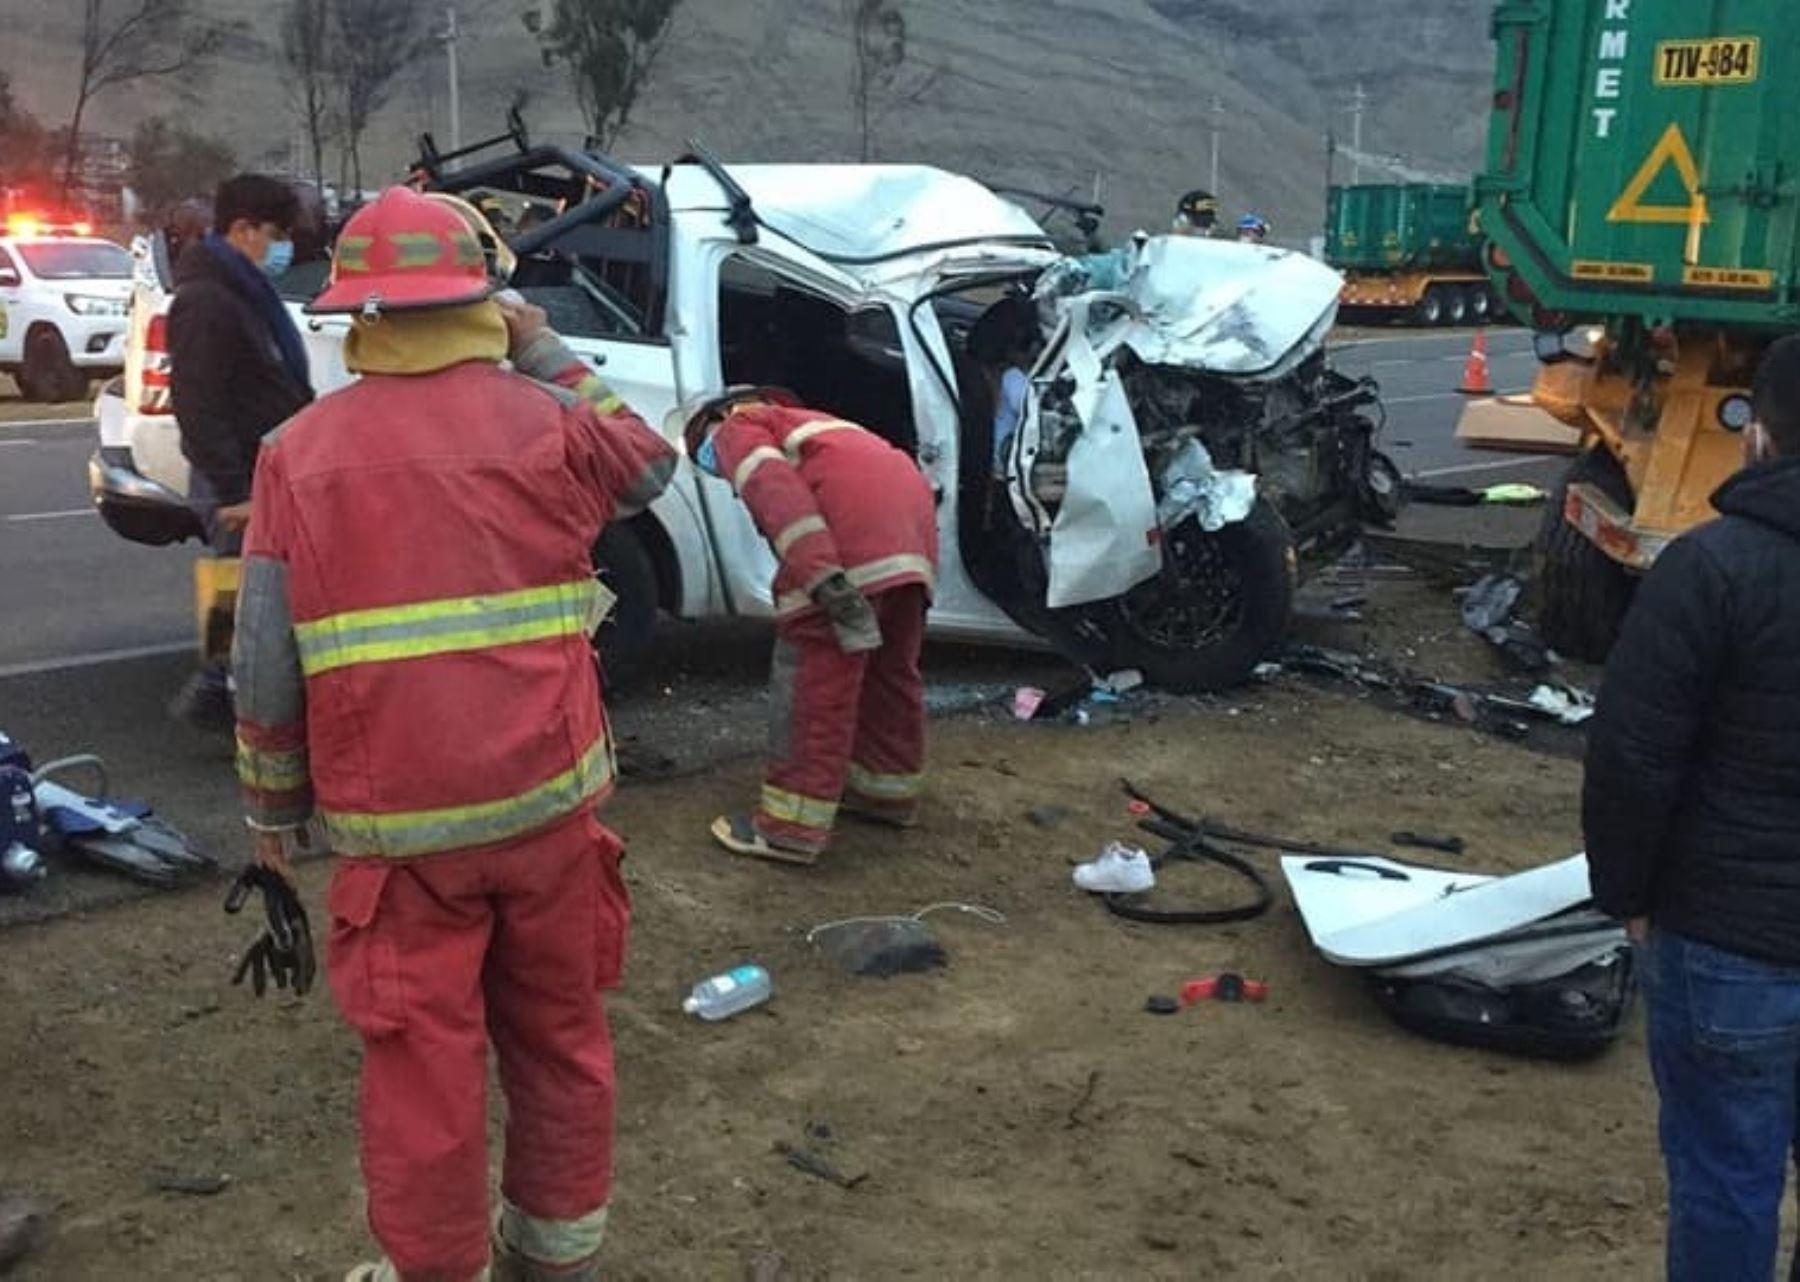 Un accidente vehicular ocurrido esta mañana en la Panamericana Norte dejó dos muertos y seis heridos. La tragedia ocurrió a la altura del km 268 de la citada vía, en la provincia de Huarmey, en Áncash.